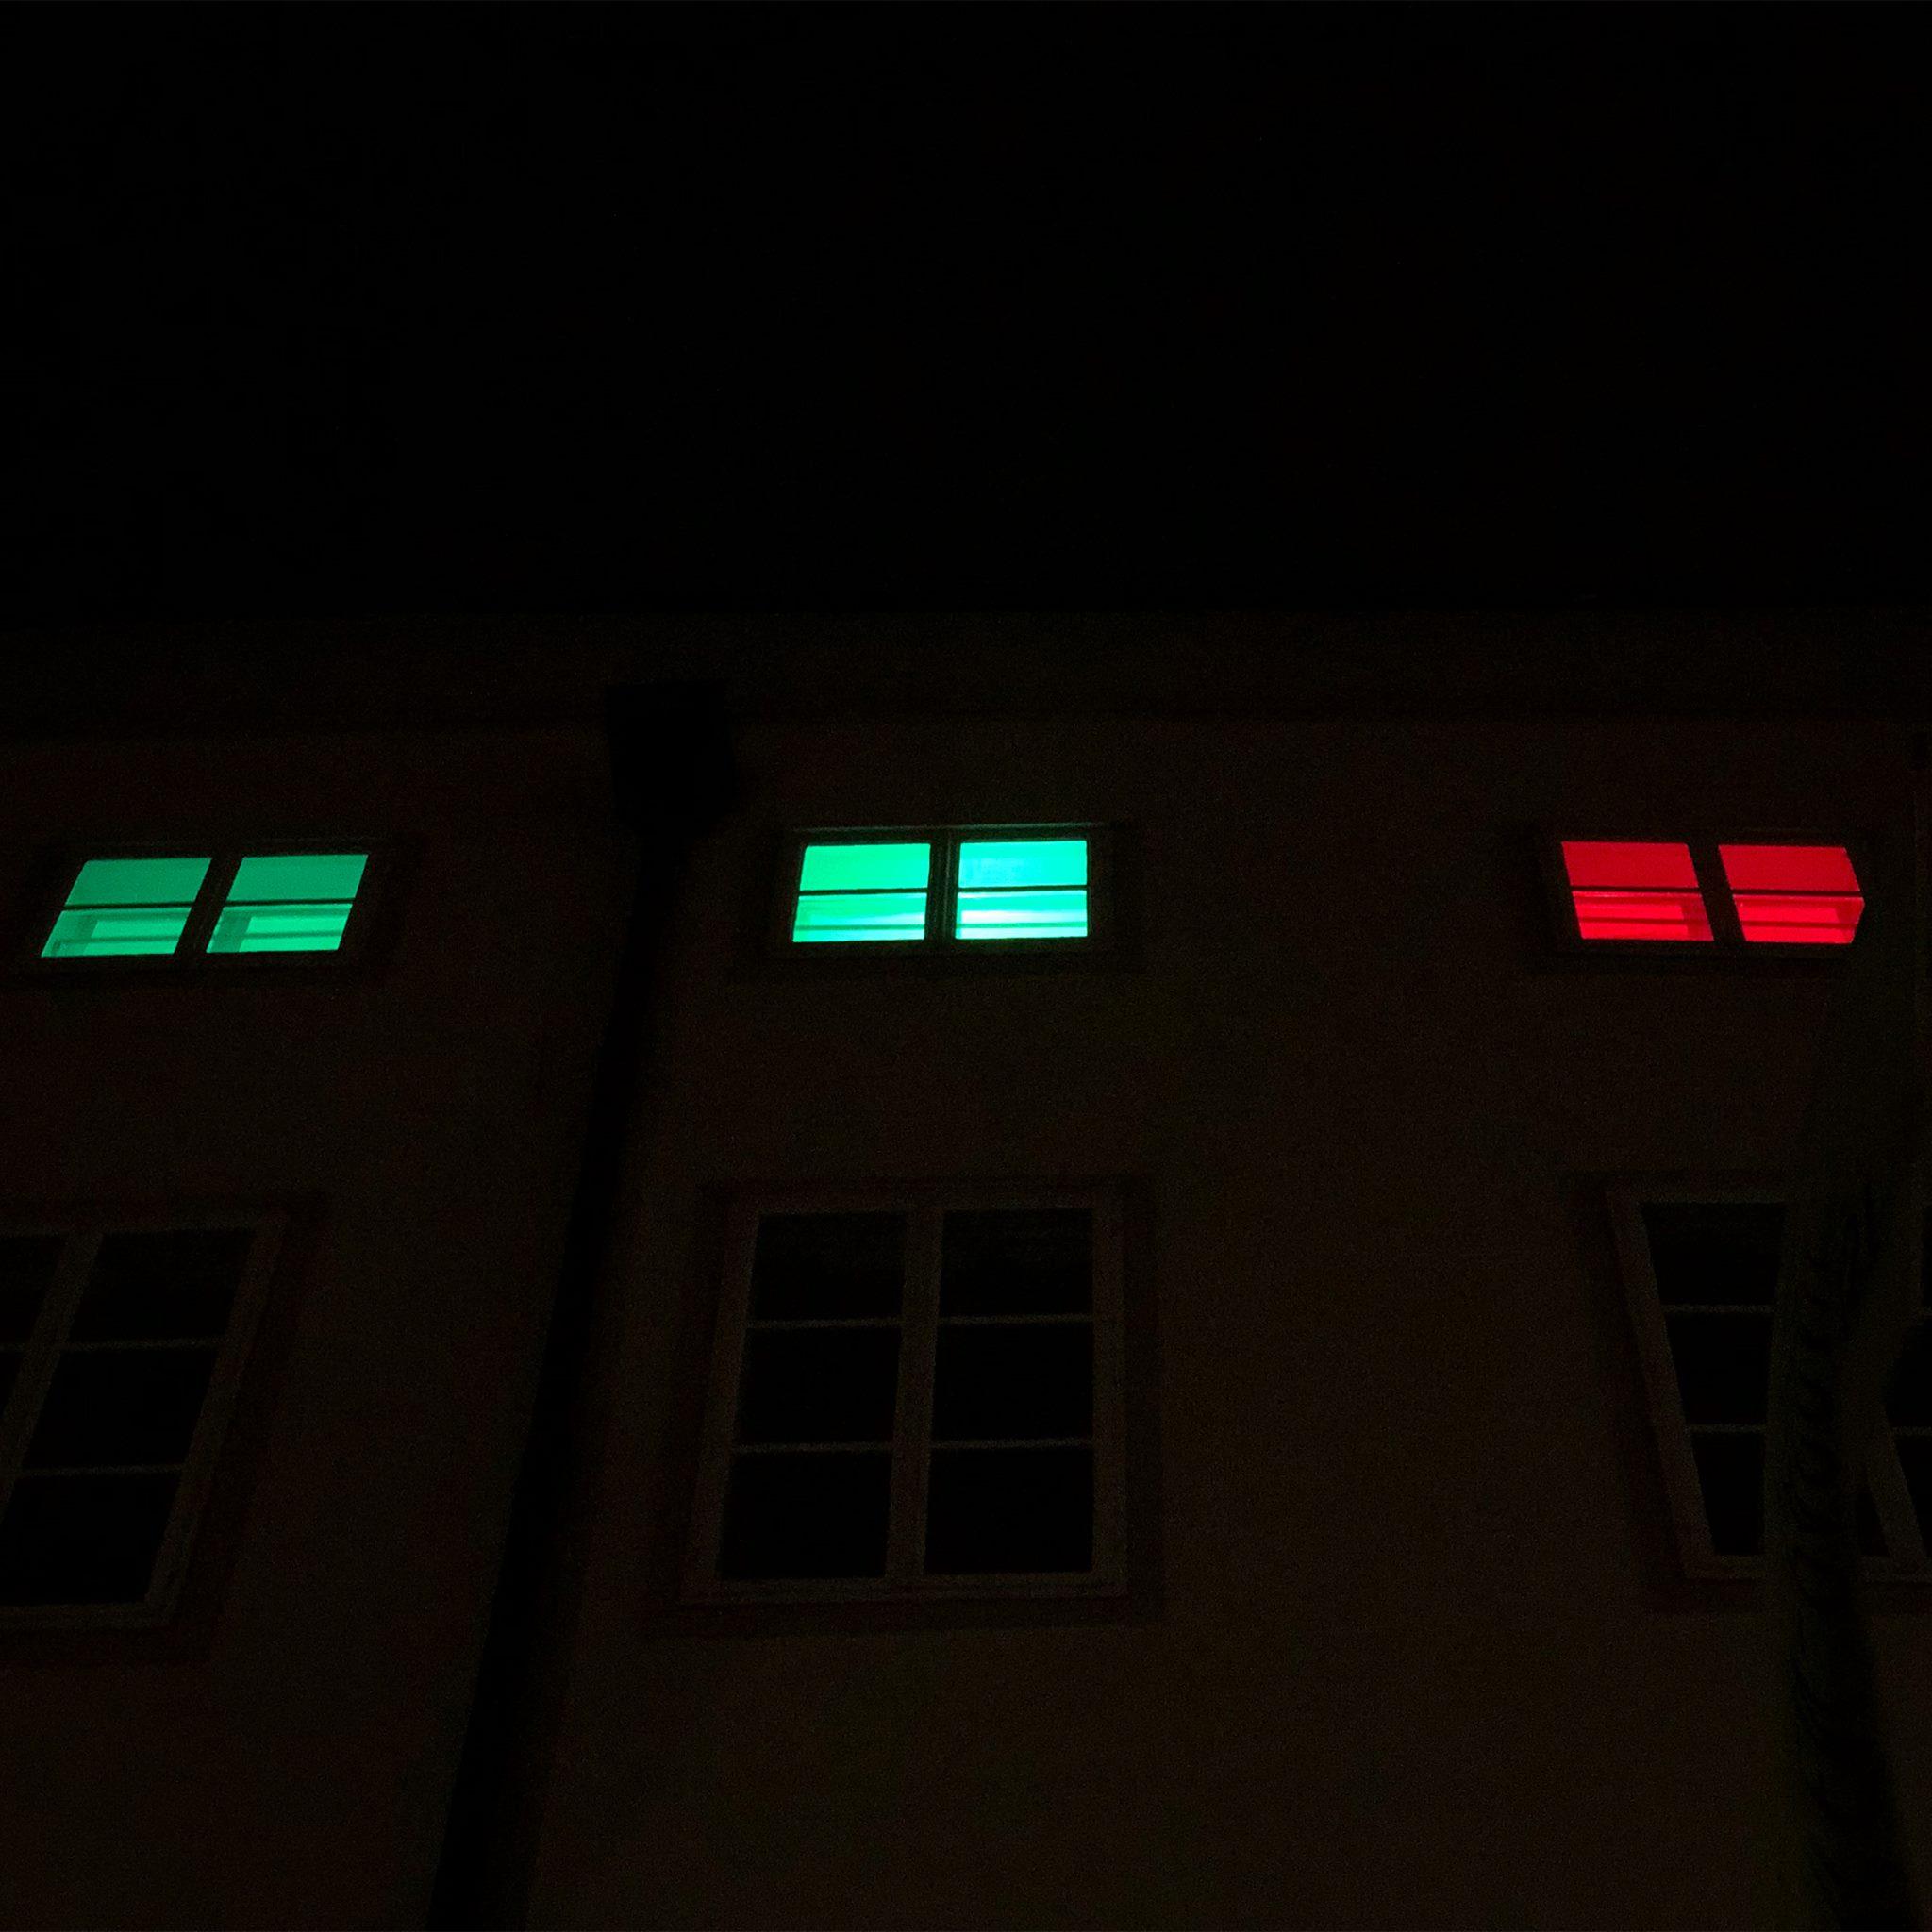 MMK Passau